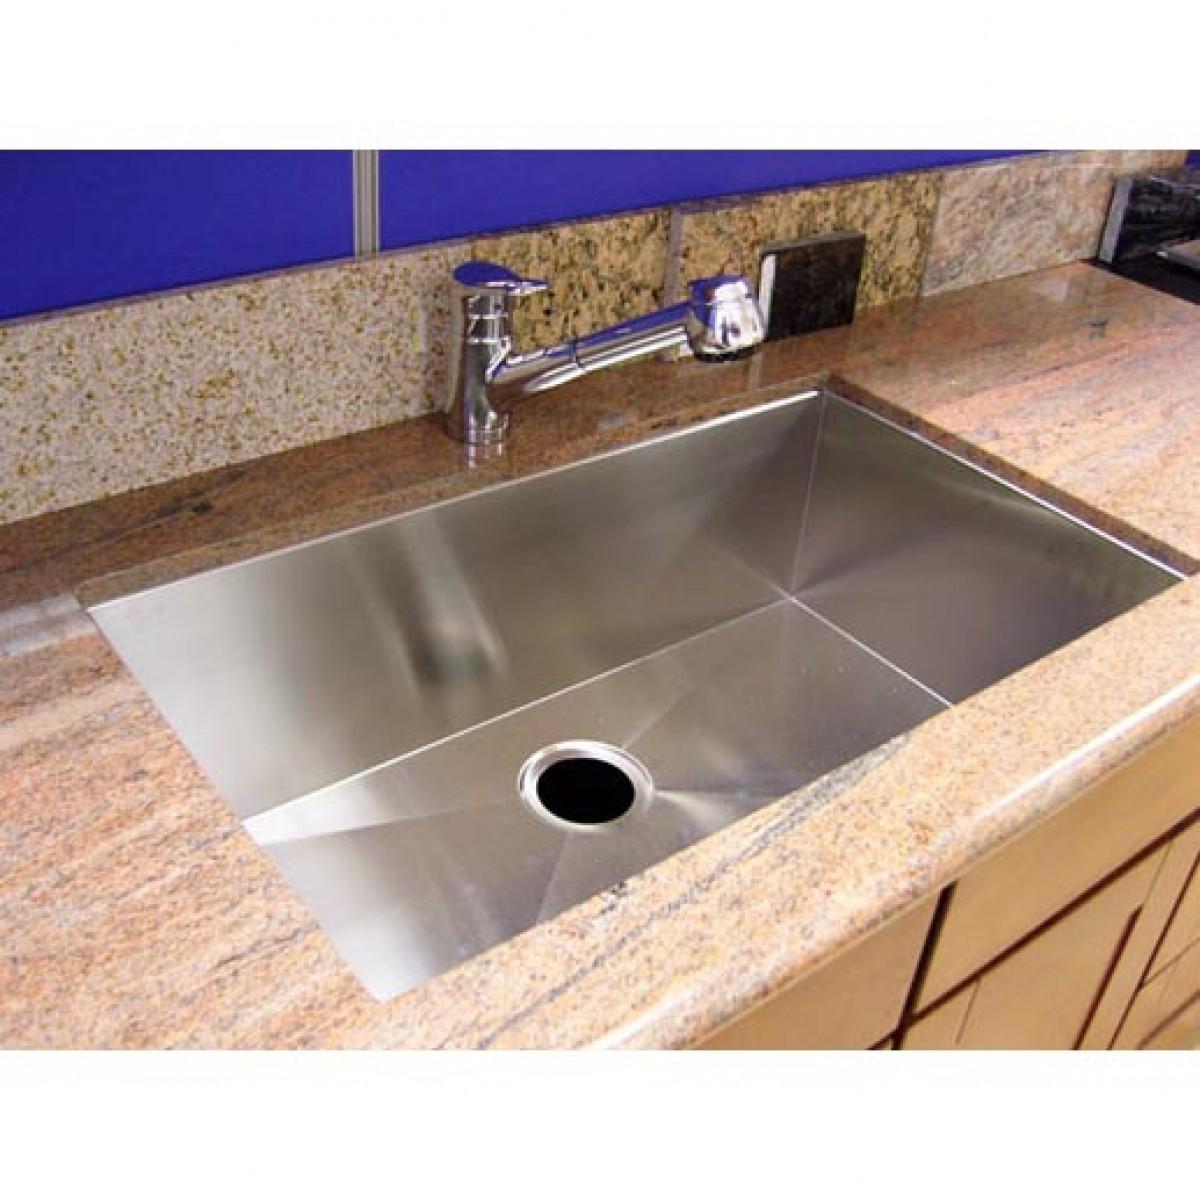 36 Inch Stainless Steel Undermount Single Bowl Kitchen Sink Zero Radius Design